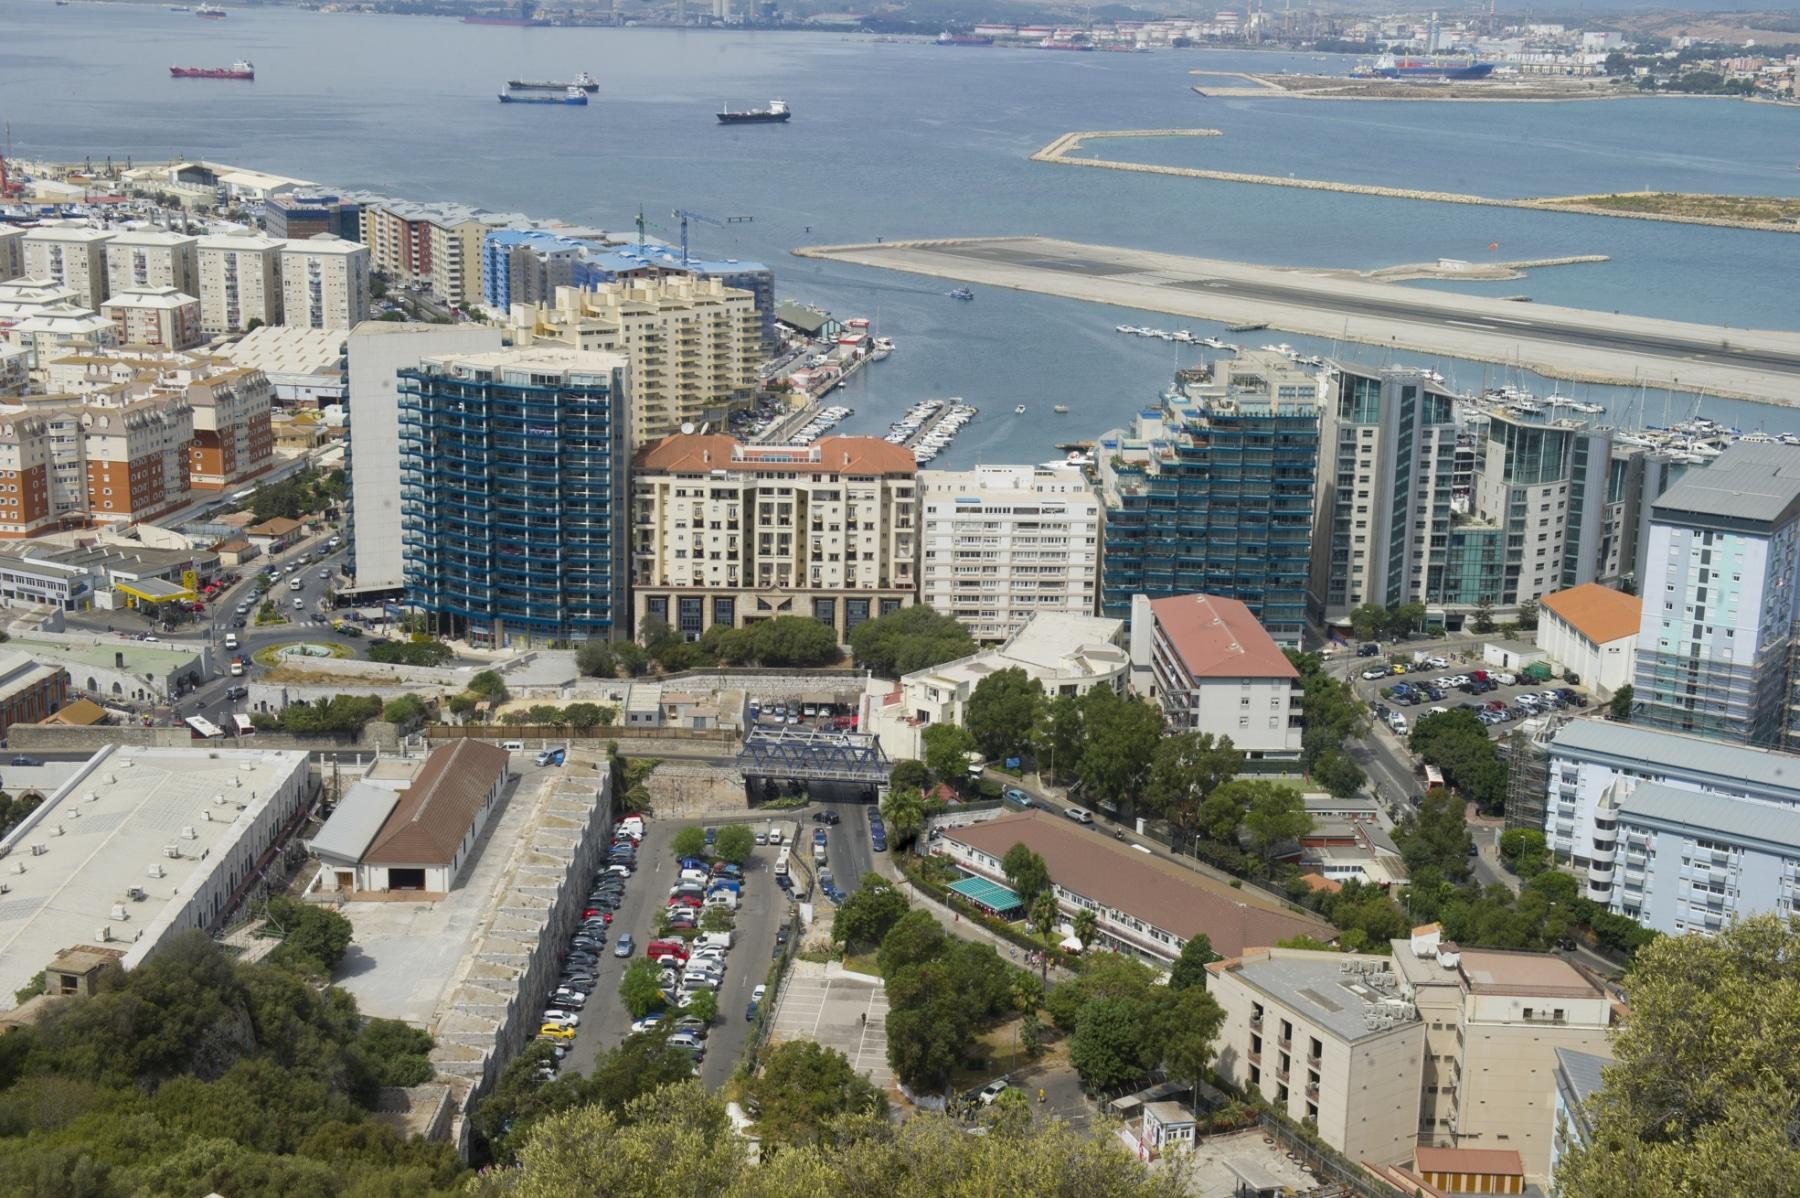 ocean-village-la-pista-del-aeropuerto-de-gibraltar-y-al-fondo-espaa_22714315336_o